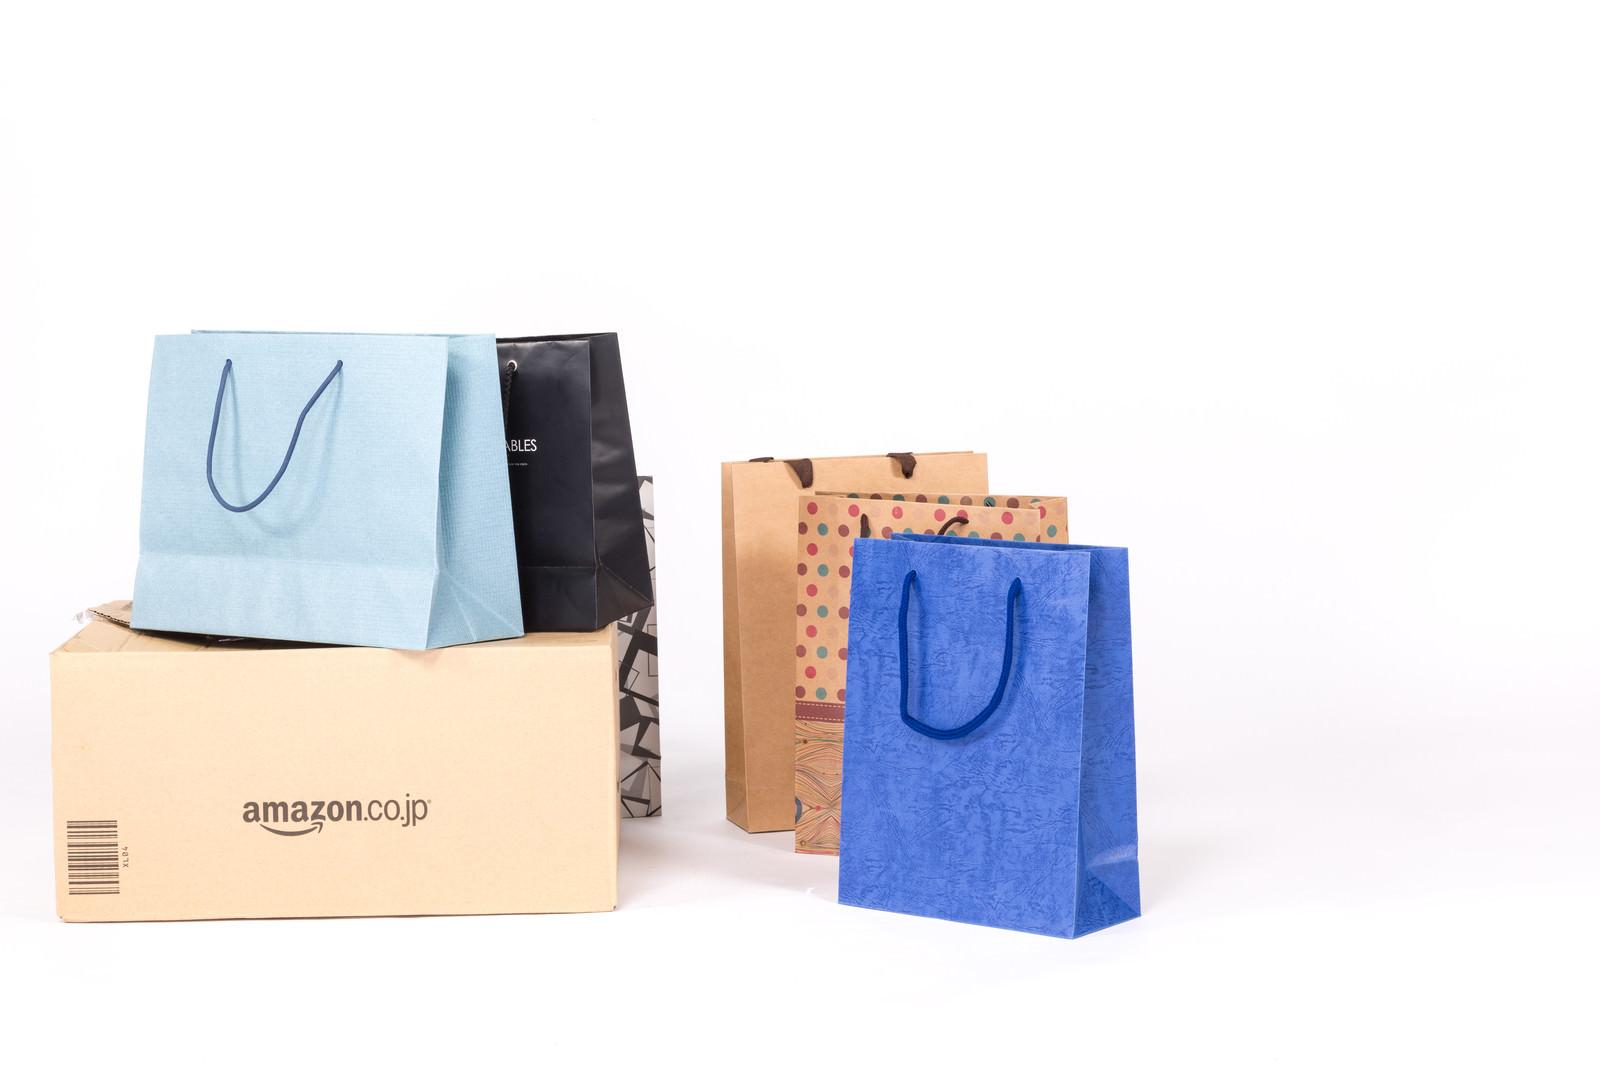 「ネット通販で買った商品(ネットショッピング)ネット通販で買った商品(ネットショッピング)」のフリー写真素材を拡大